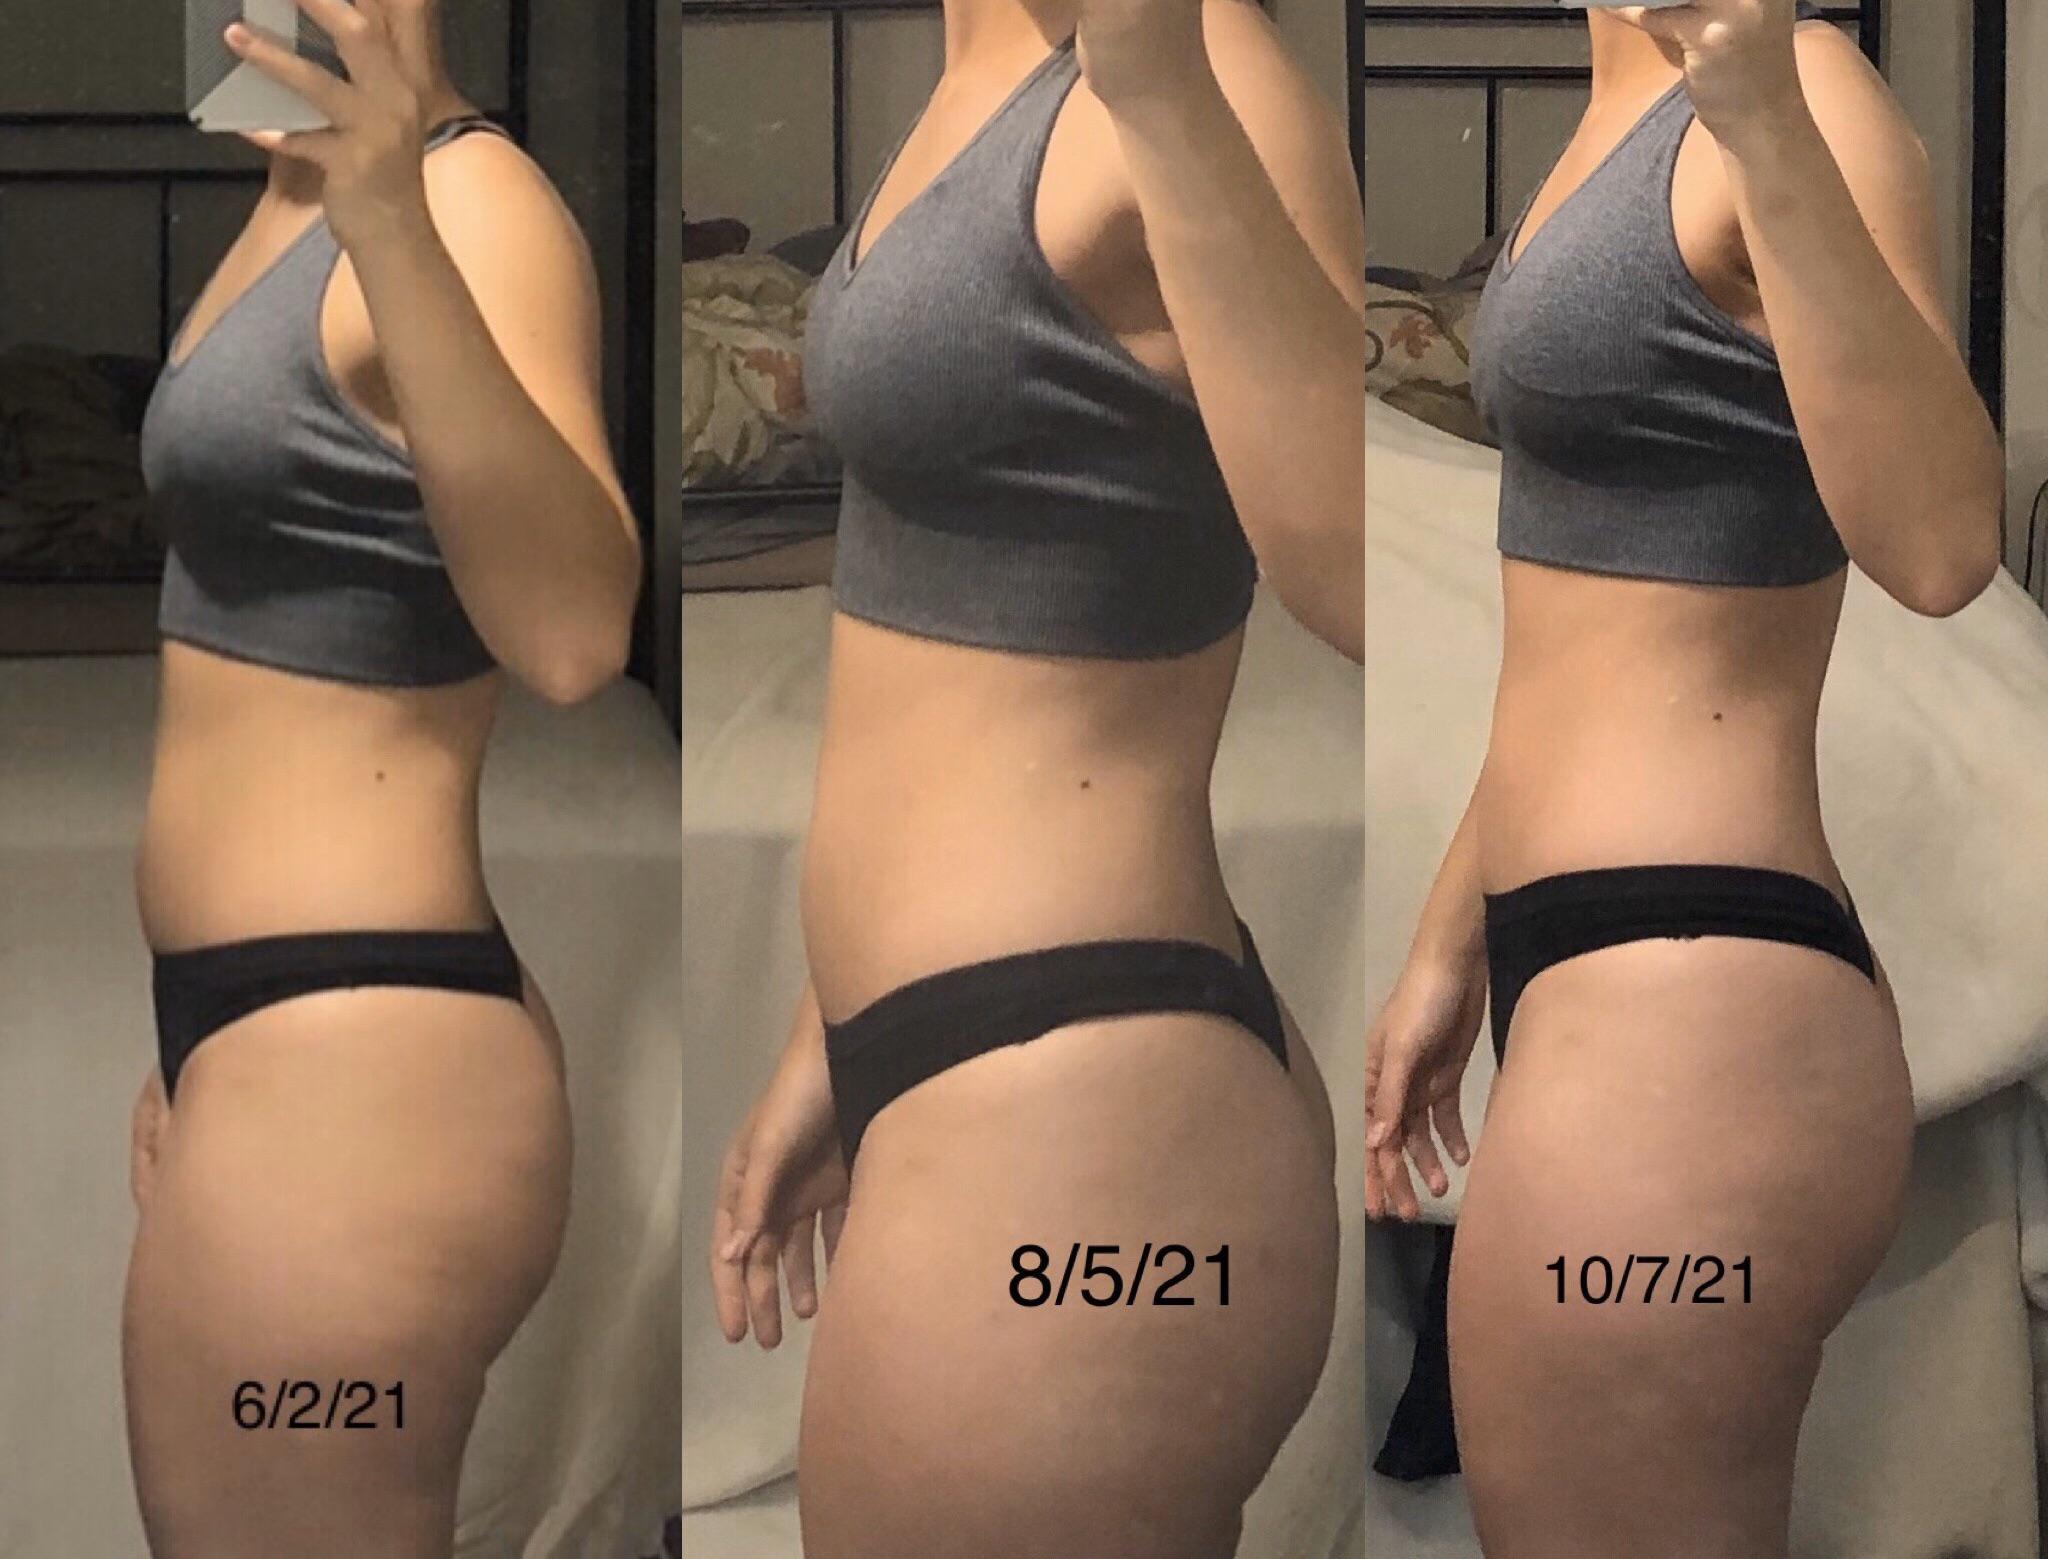 5'6 Female Progress Pics of 4 lbs Fat Loss 134 lbs to 130 lbs